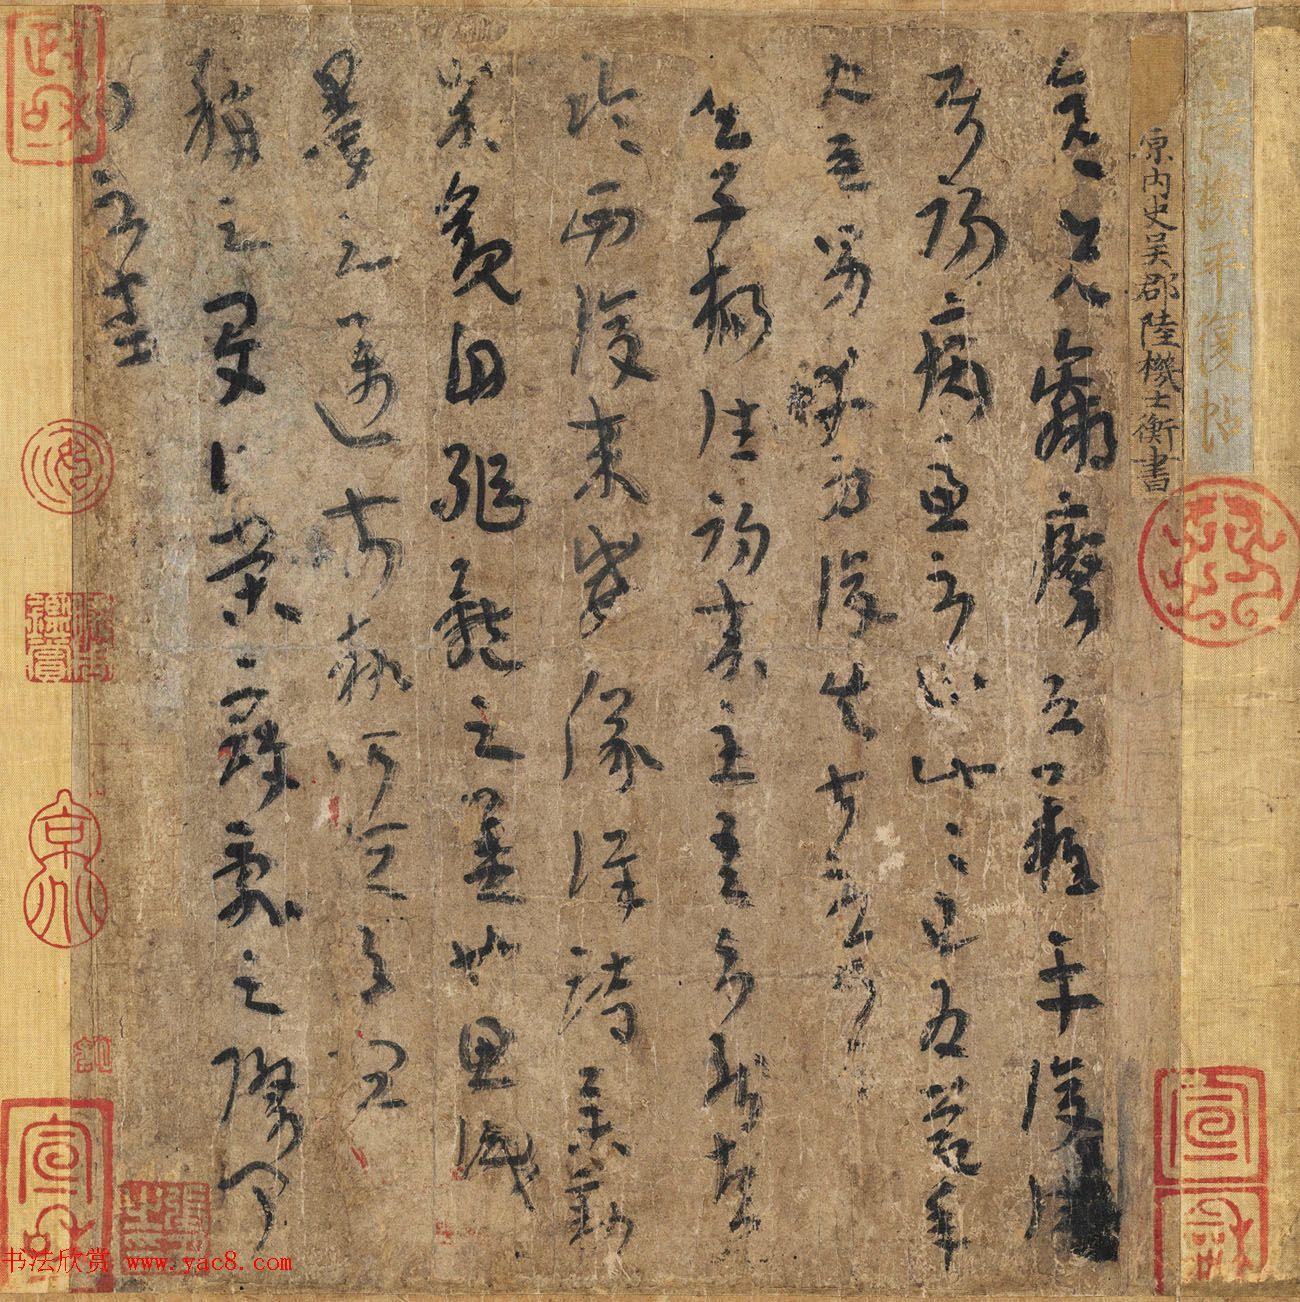 陆机《平复帖》2 现藏于北京故宫博物院。